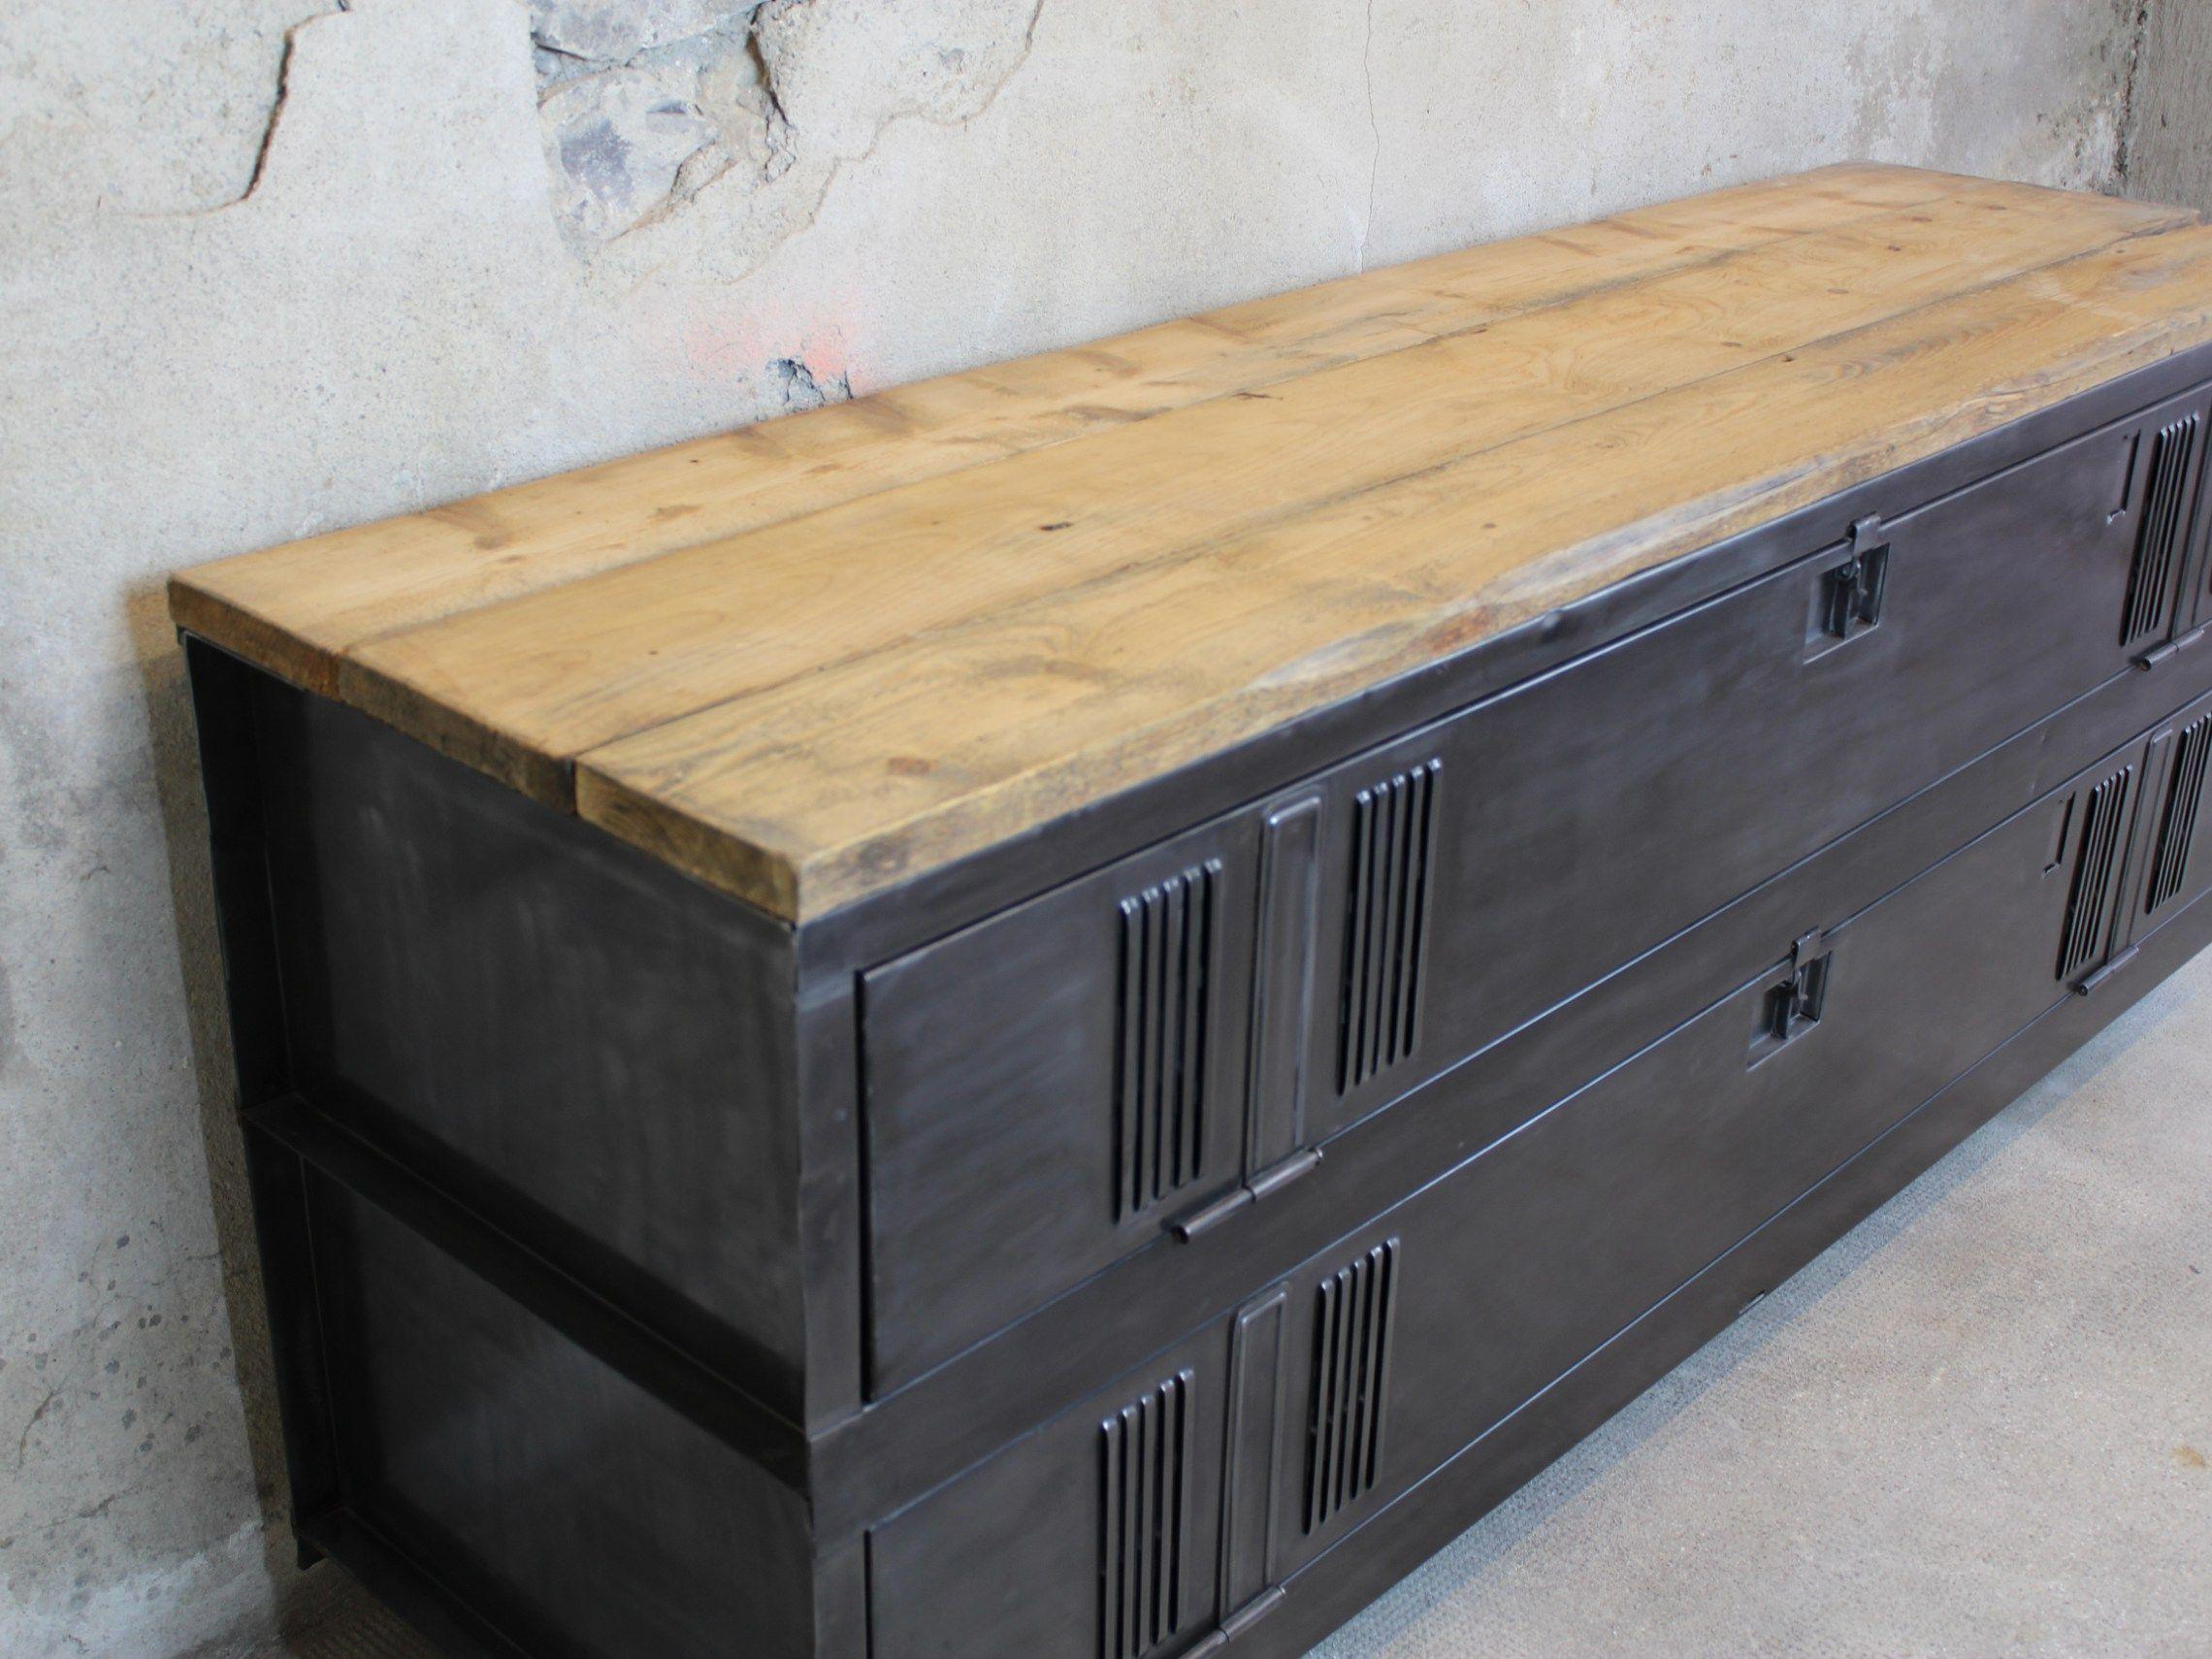 annecy meuble tv style industriel ancien vestiaire patin bois acier deco pinterest annecy. Black Bedroom Furniture Sets. Home Design Ideas